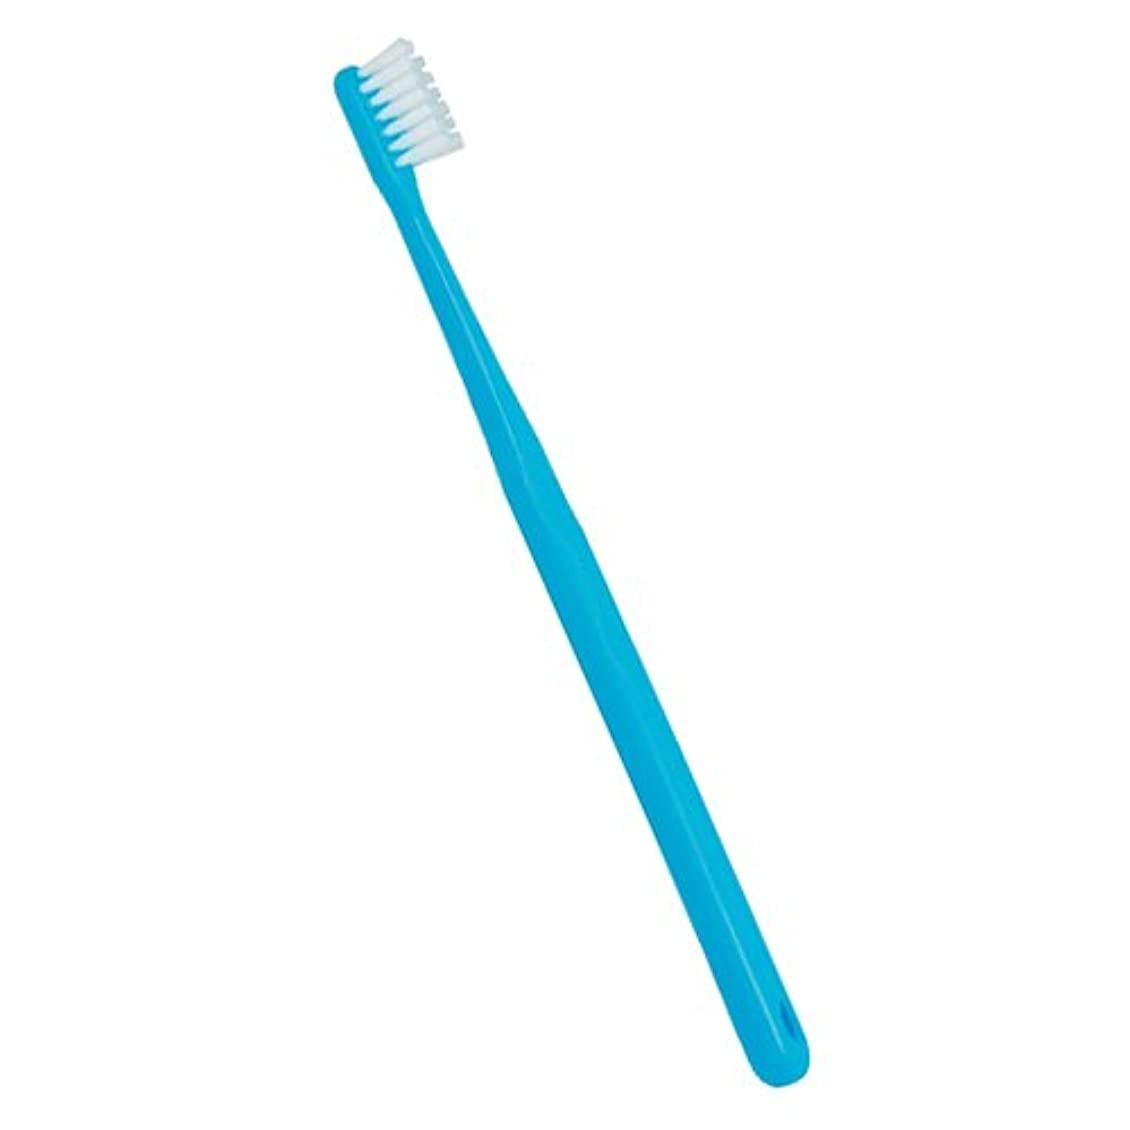 美人感謝パラシュートCiメディカル 歯ブラシ Ci702(フラットタイプ) 1本(M ふつう(ブルー))